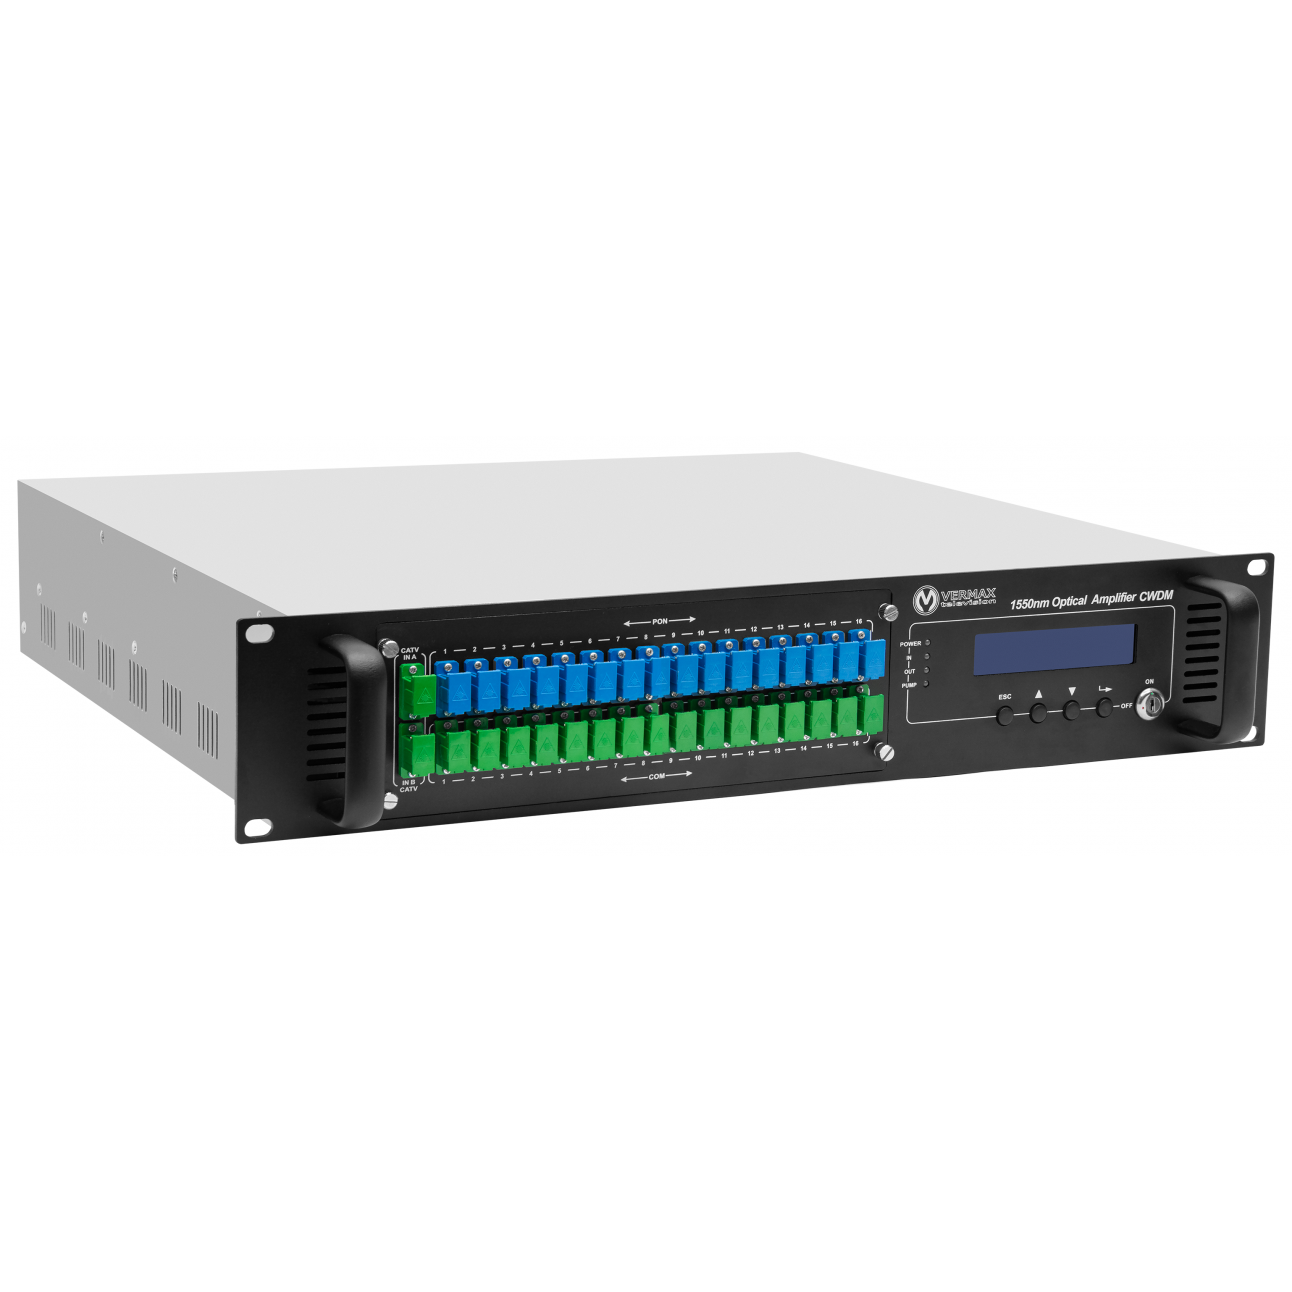 Оптический усилитель VERMAX для сетей КТВ, 2 входа, 32*20dBm выхода, WDM фильтр PON